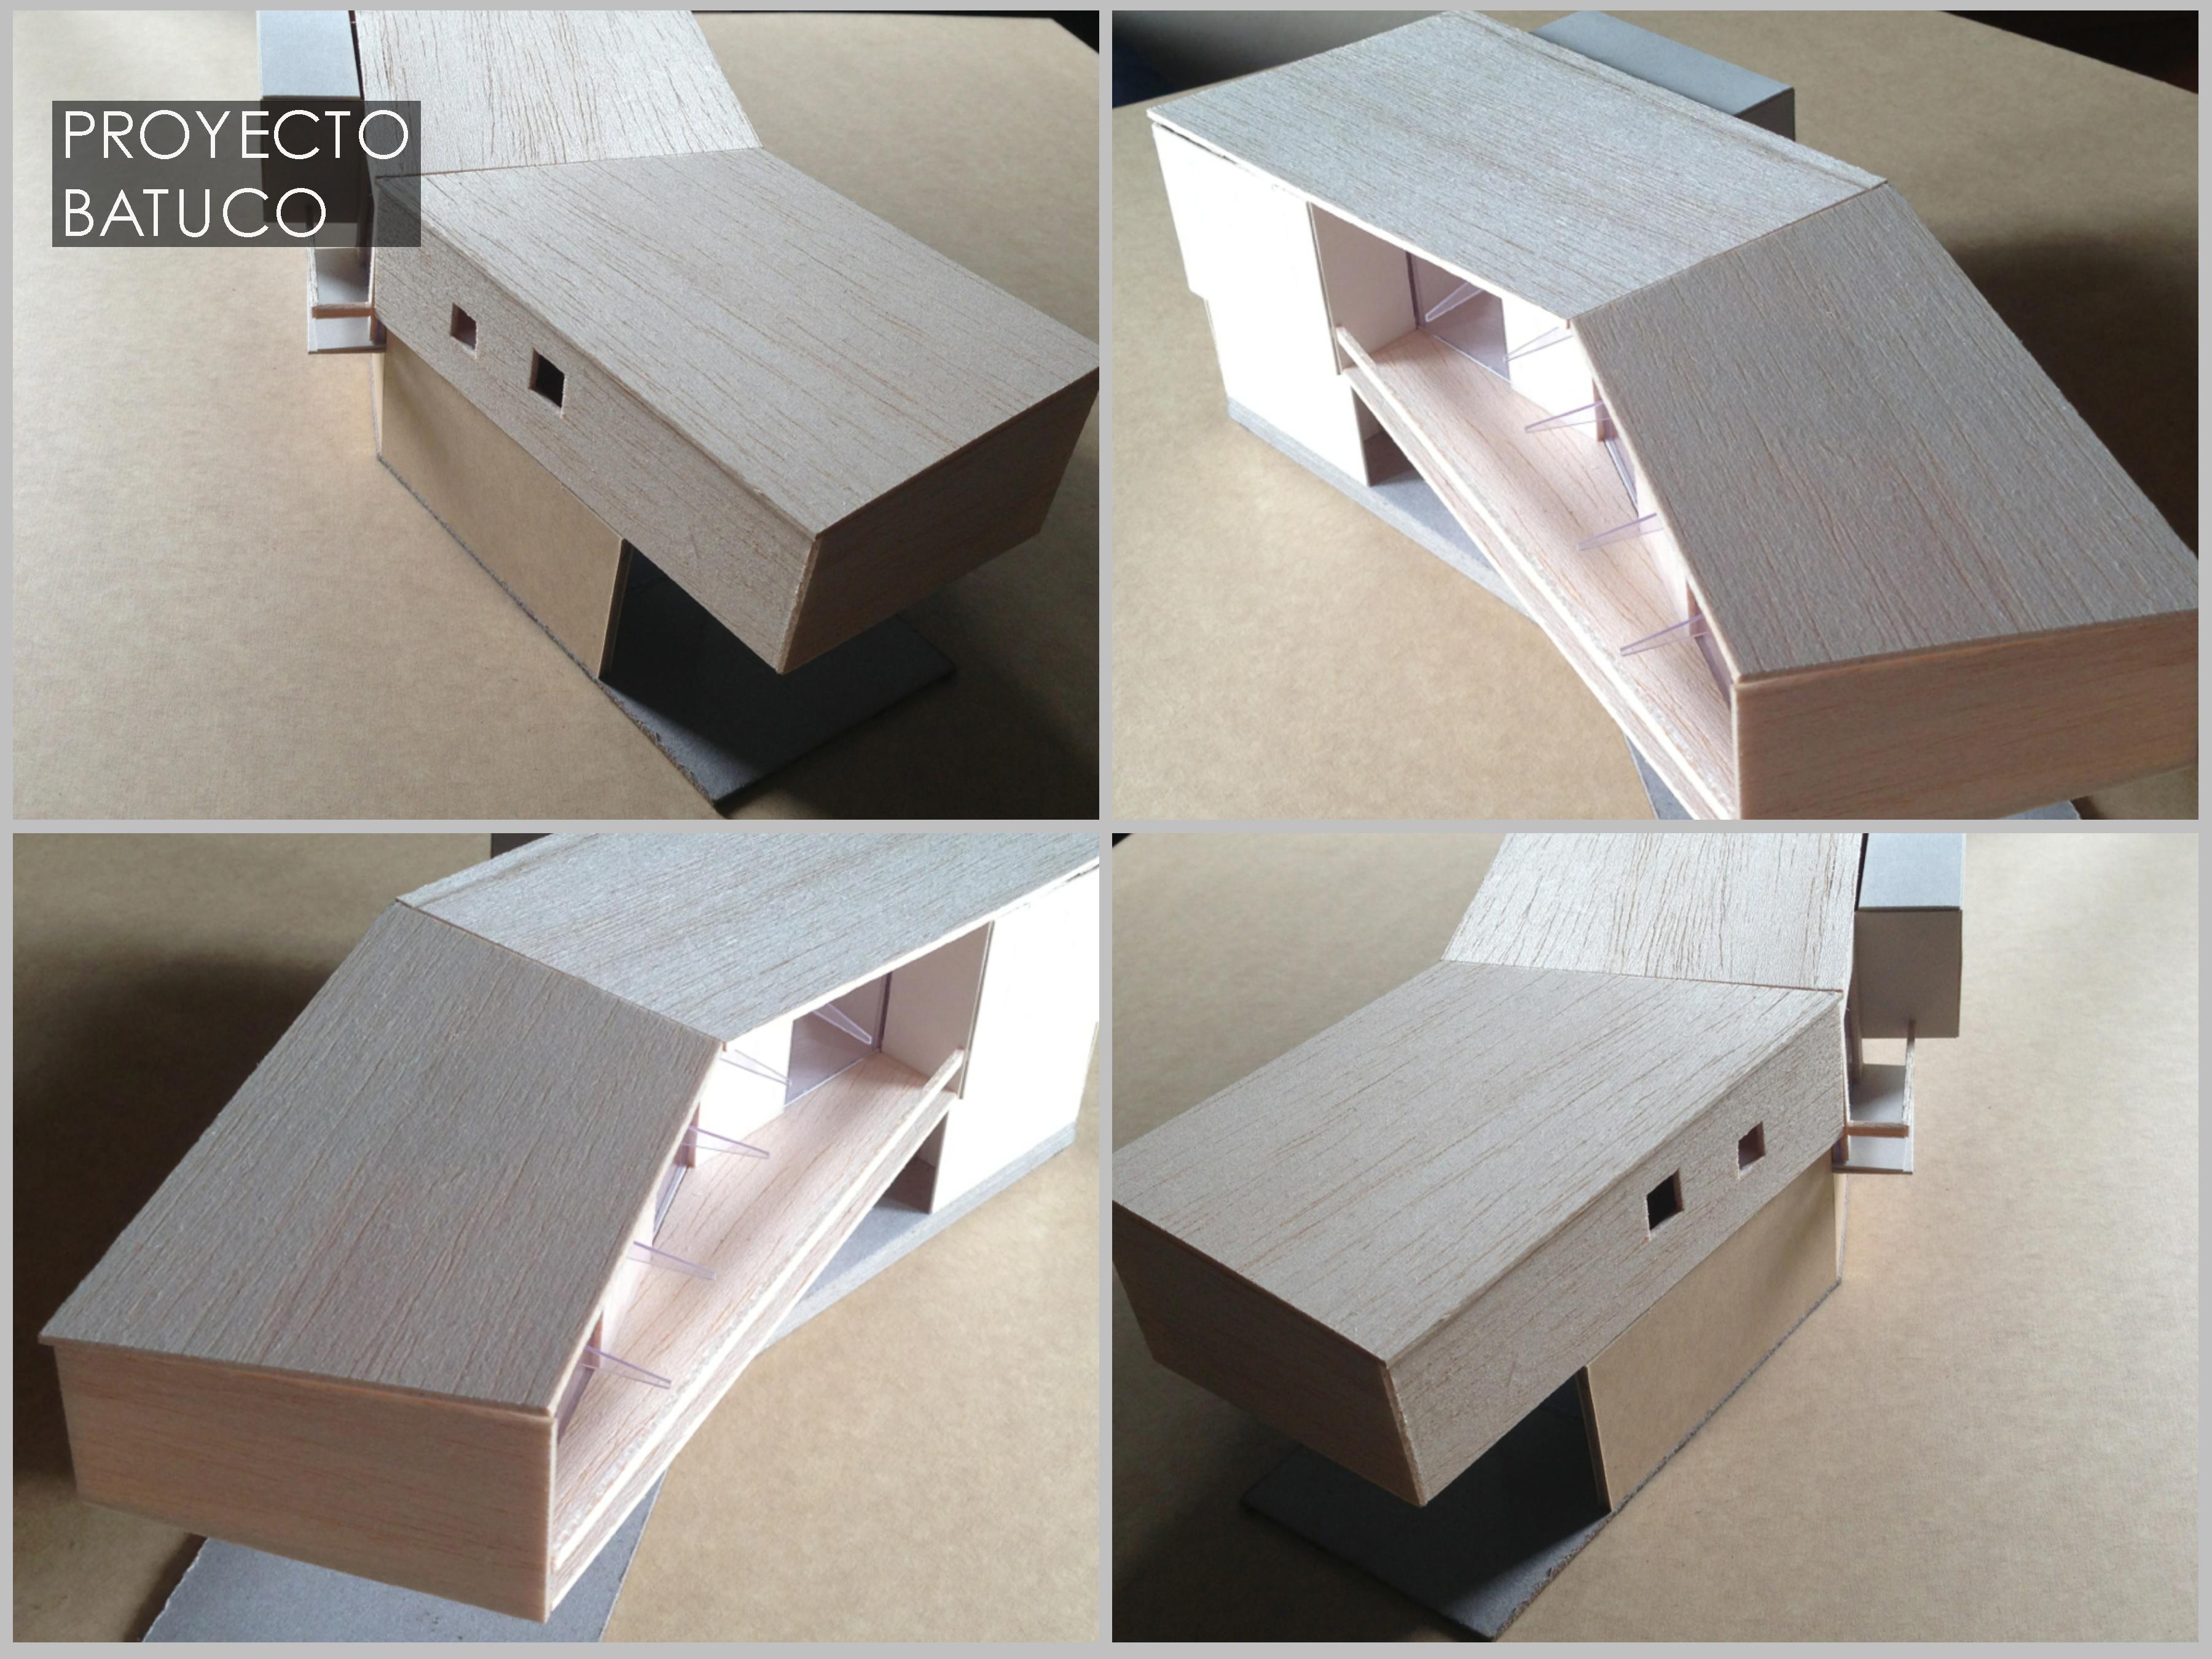 Arquitectura pulsar consultores - Arquitectura de diseno ...